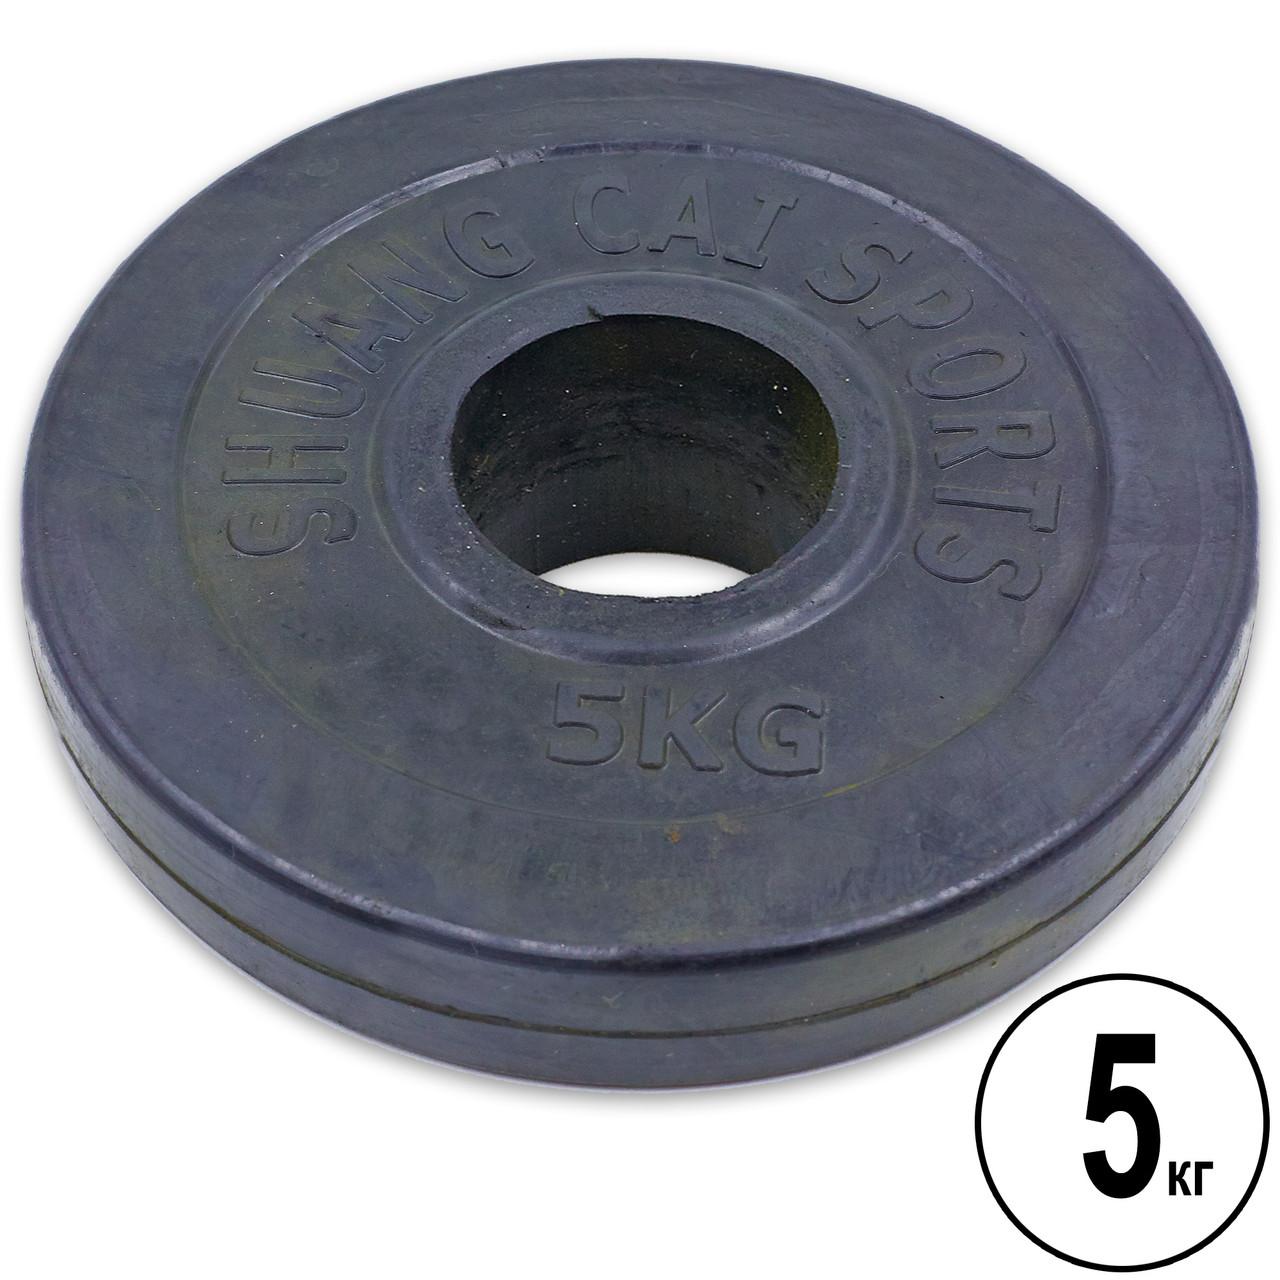 Блины обрезиненные 5кг d-52мм ТА-1836 (пара )